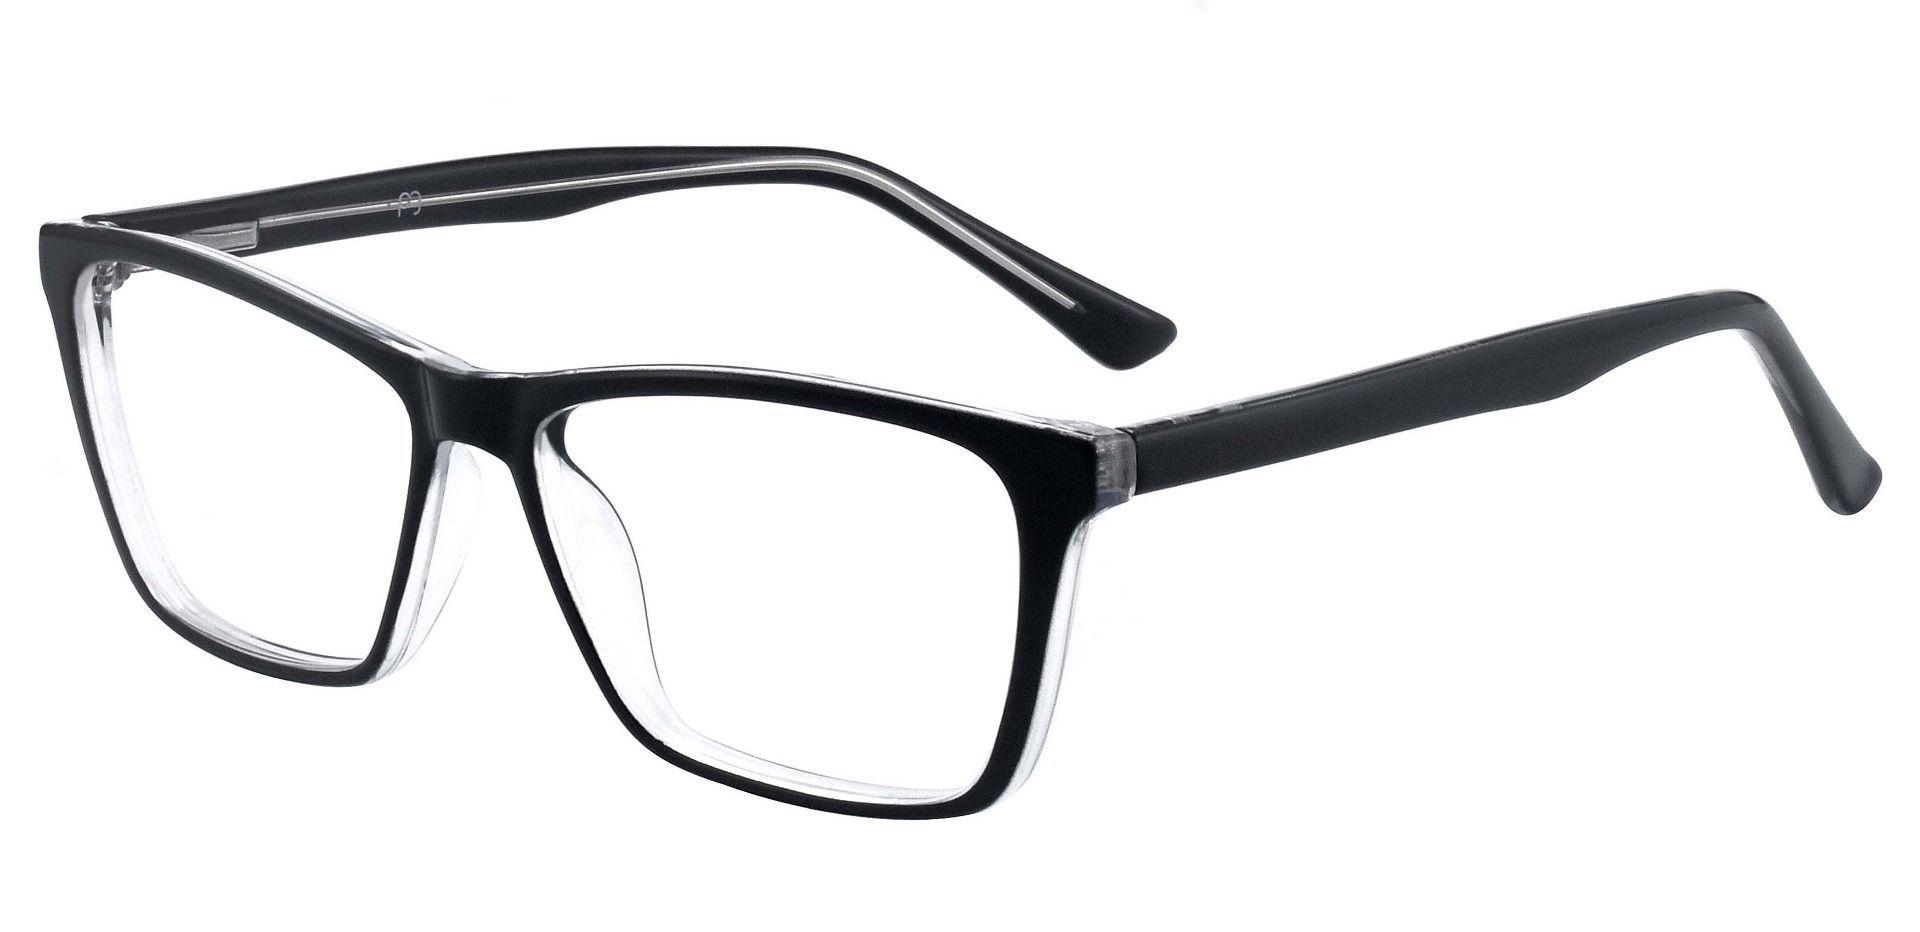 Dawson Rectangle Prescription Glasses - Black